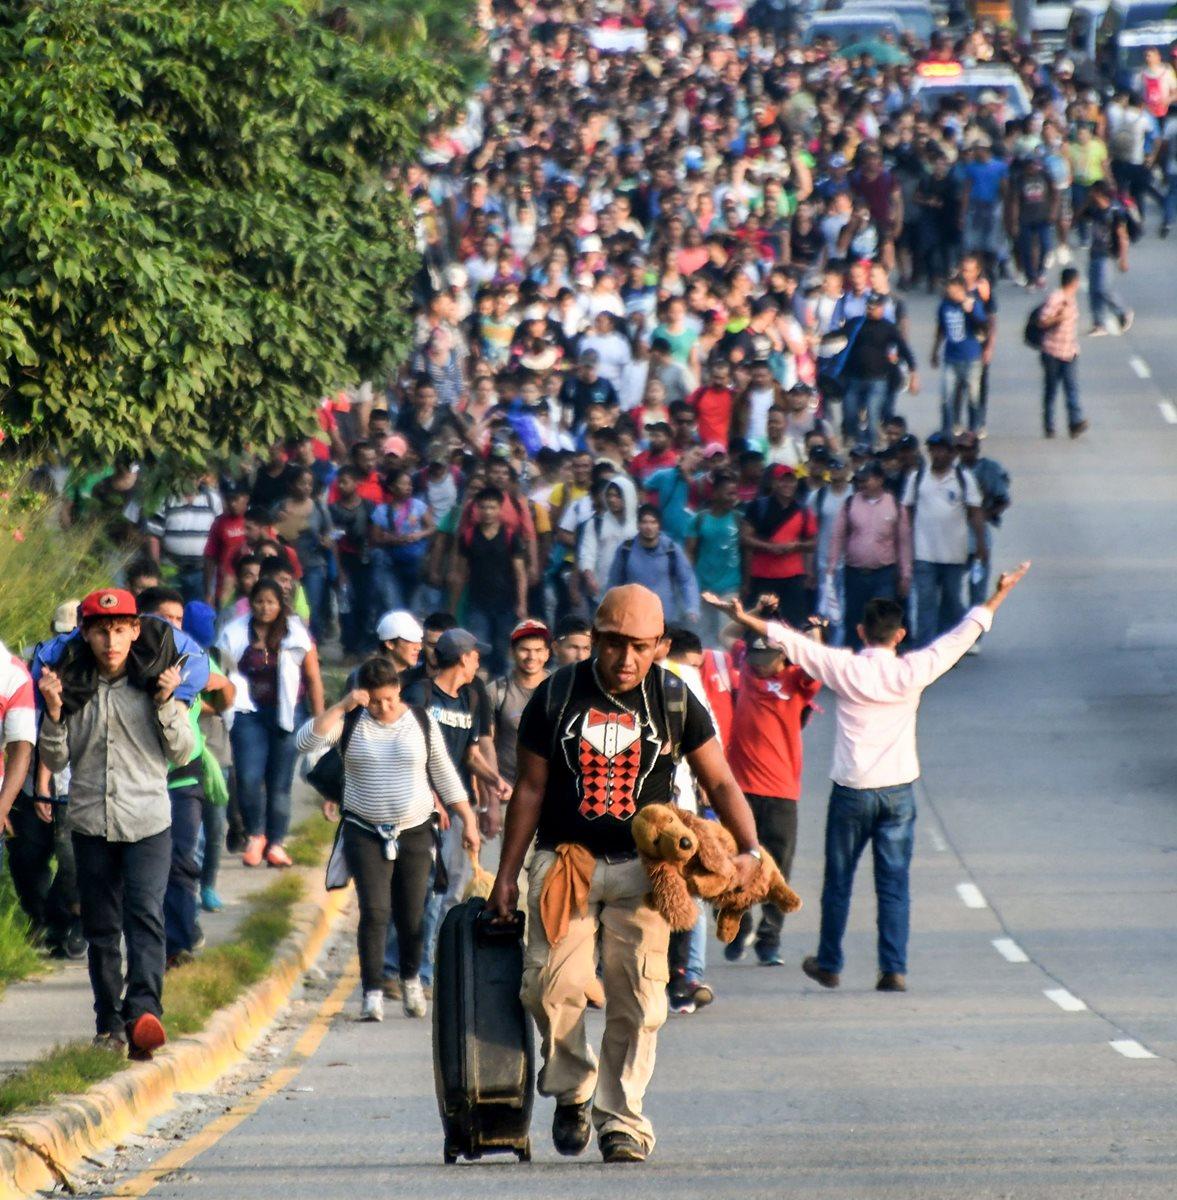 Caravana de migrantes hondureños se dirige a Estados Unidos